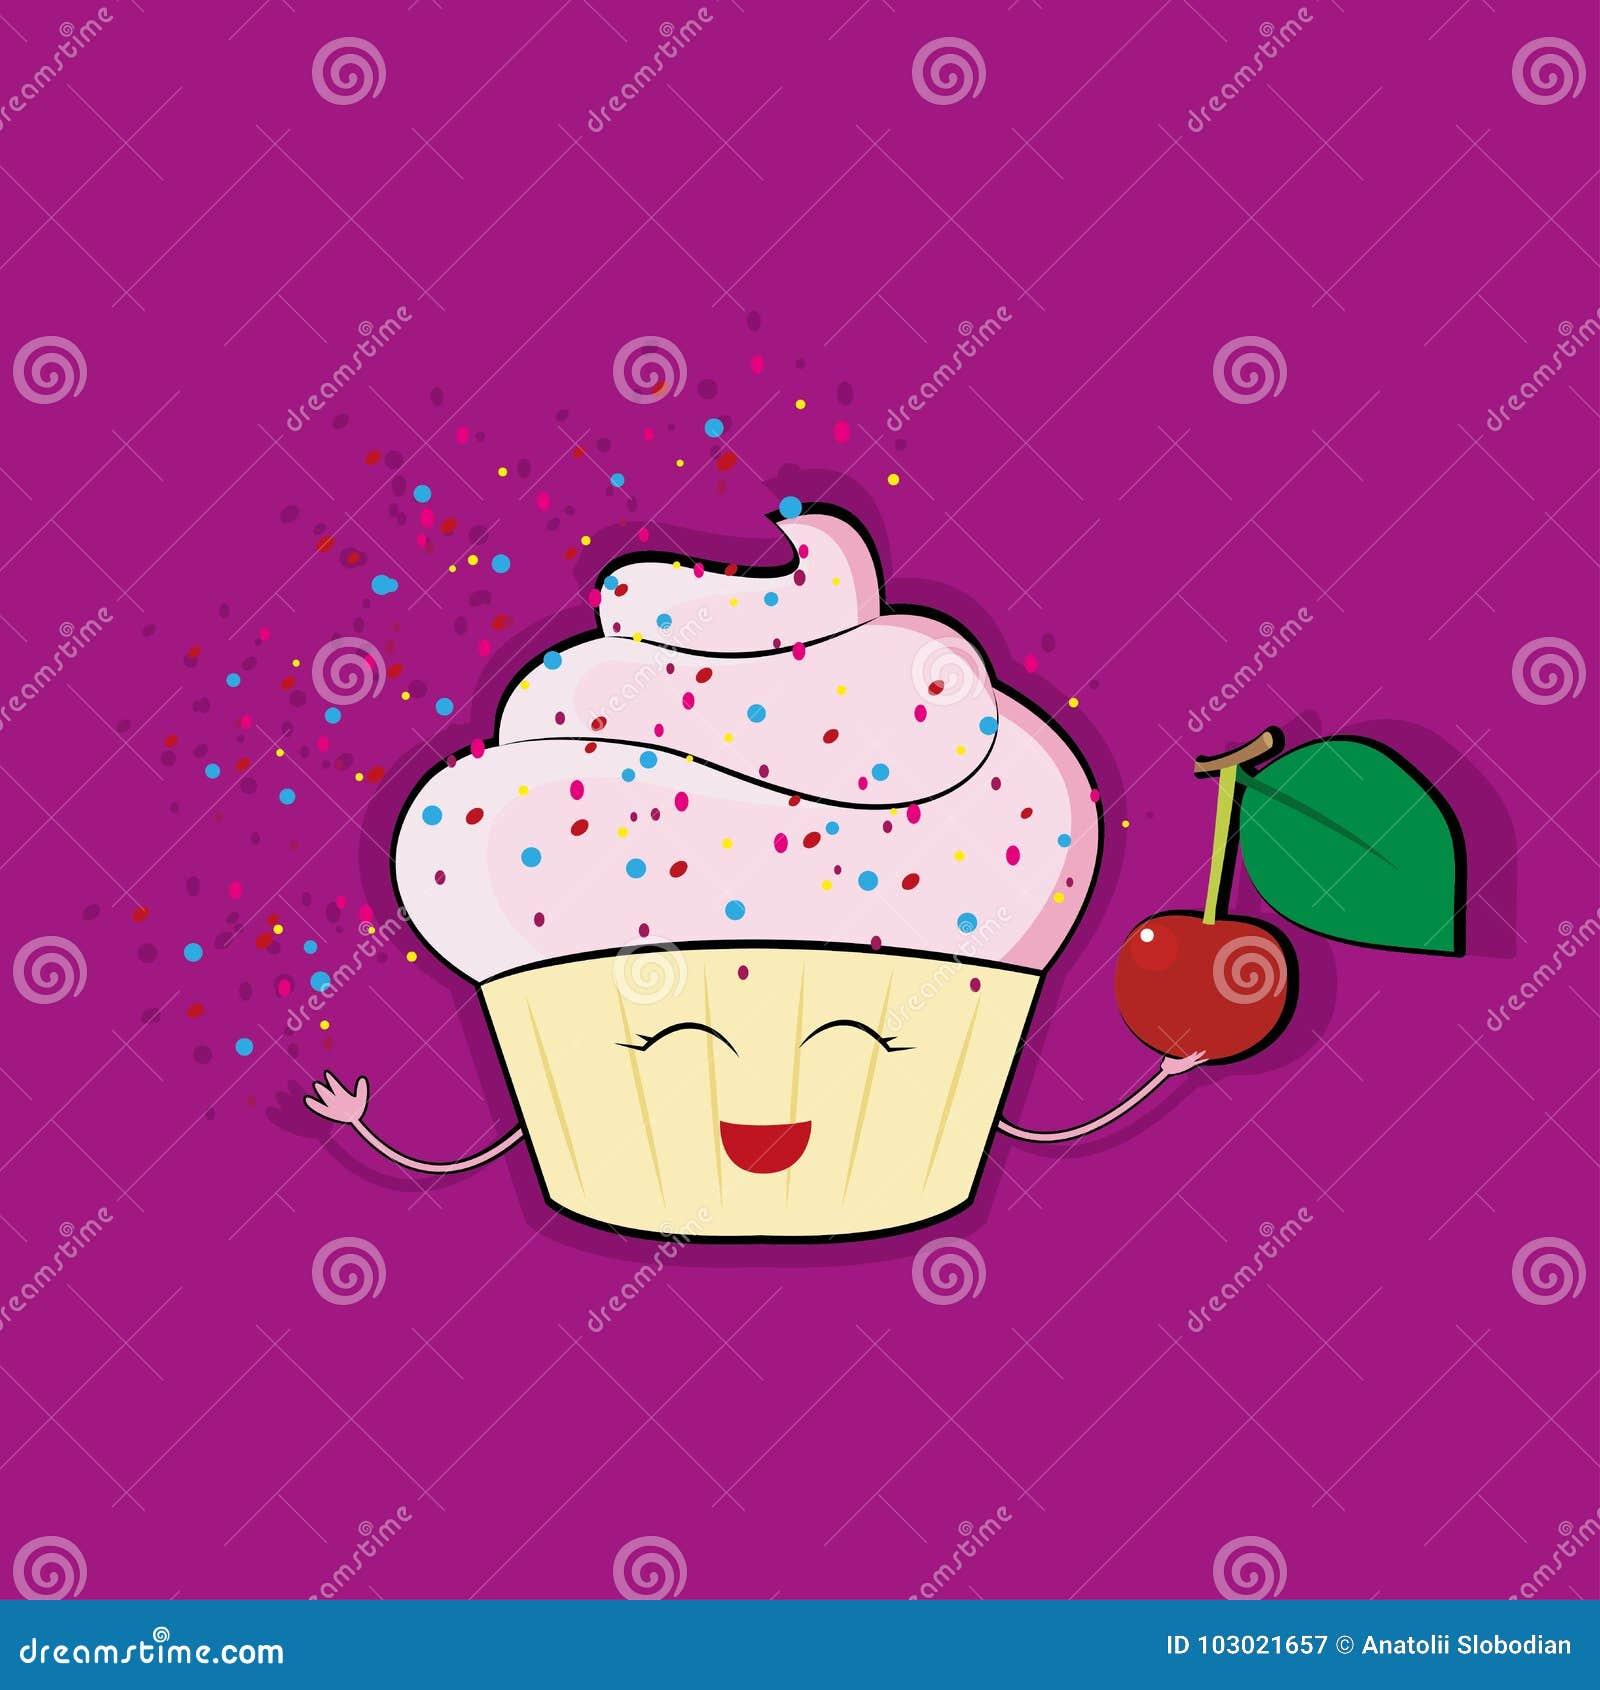 Carattere divertente del bigné con guarnizione crema rosa, illustrazione di vettore di stile del fumetto isolata su fondo bianco